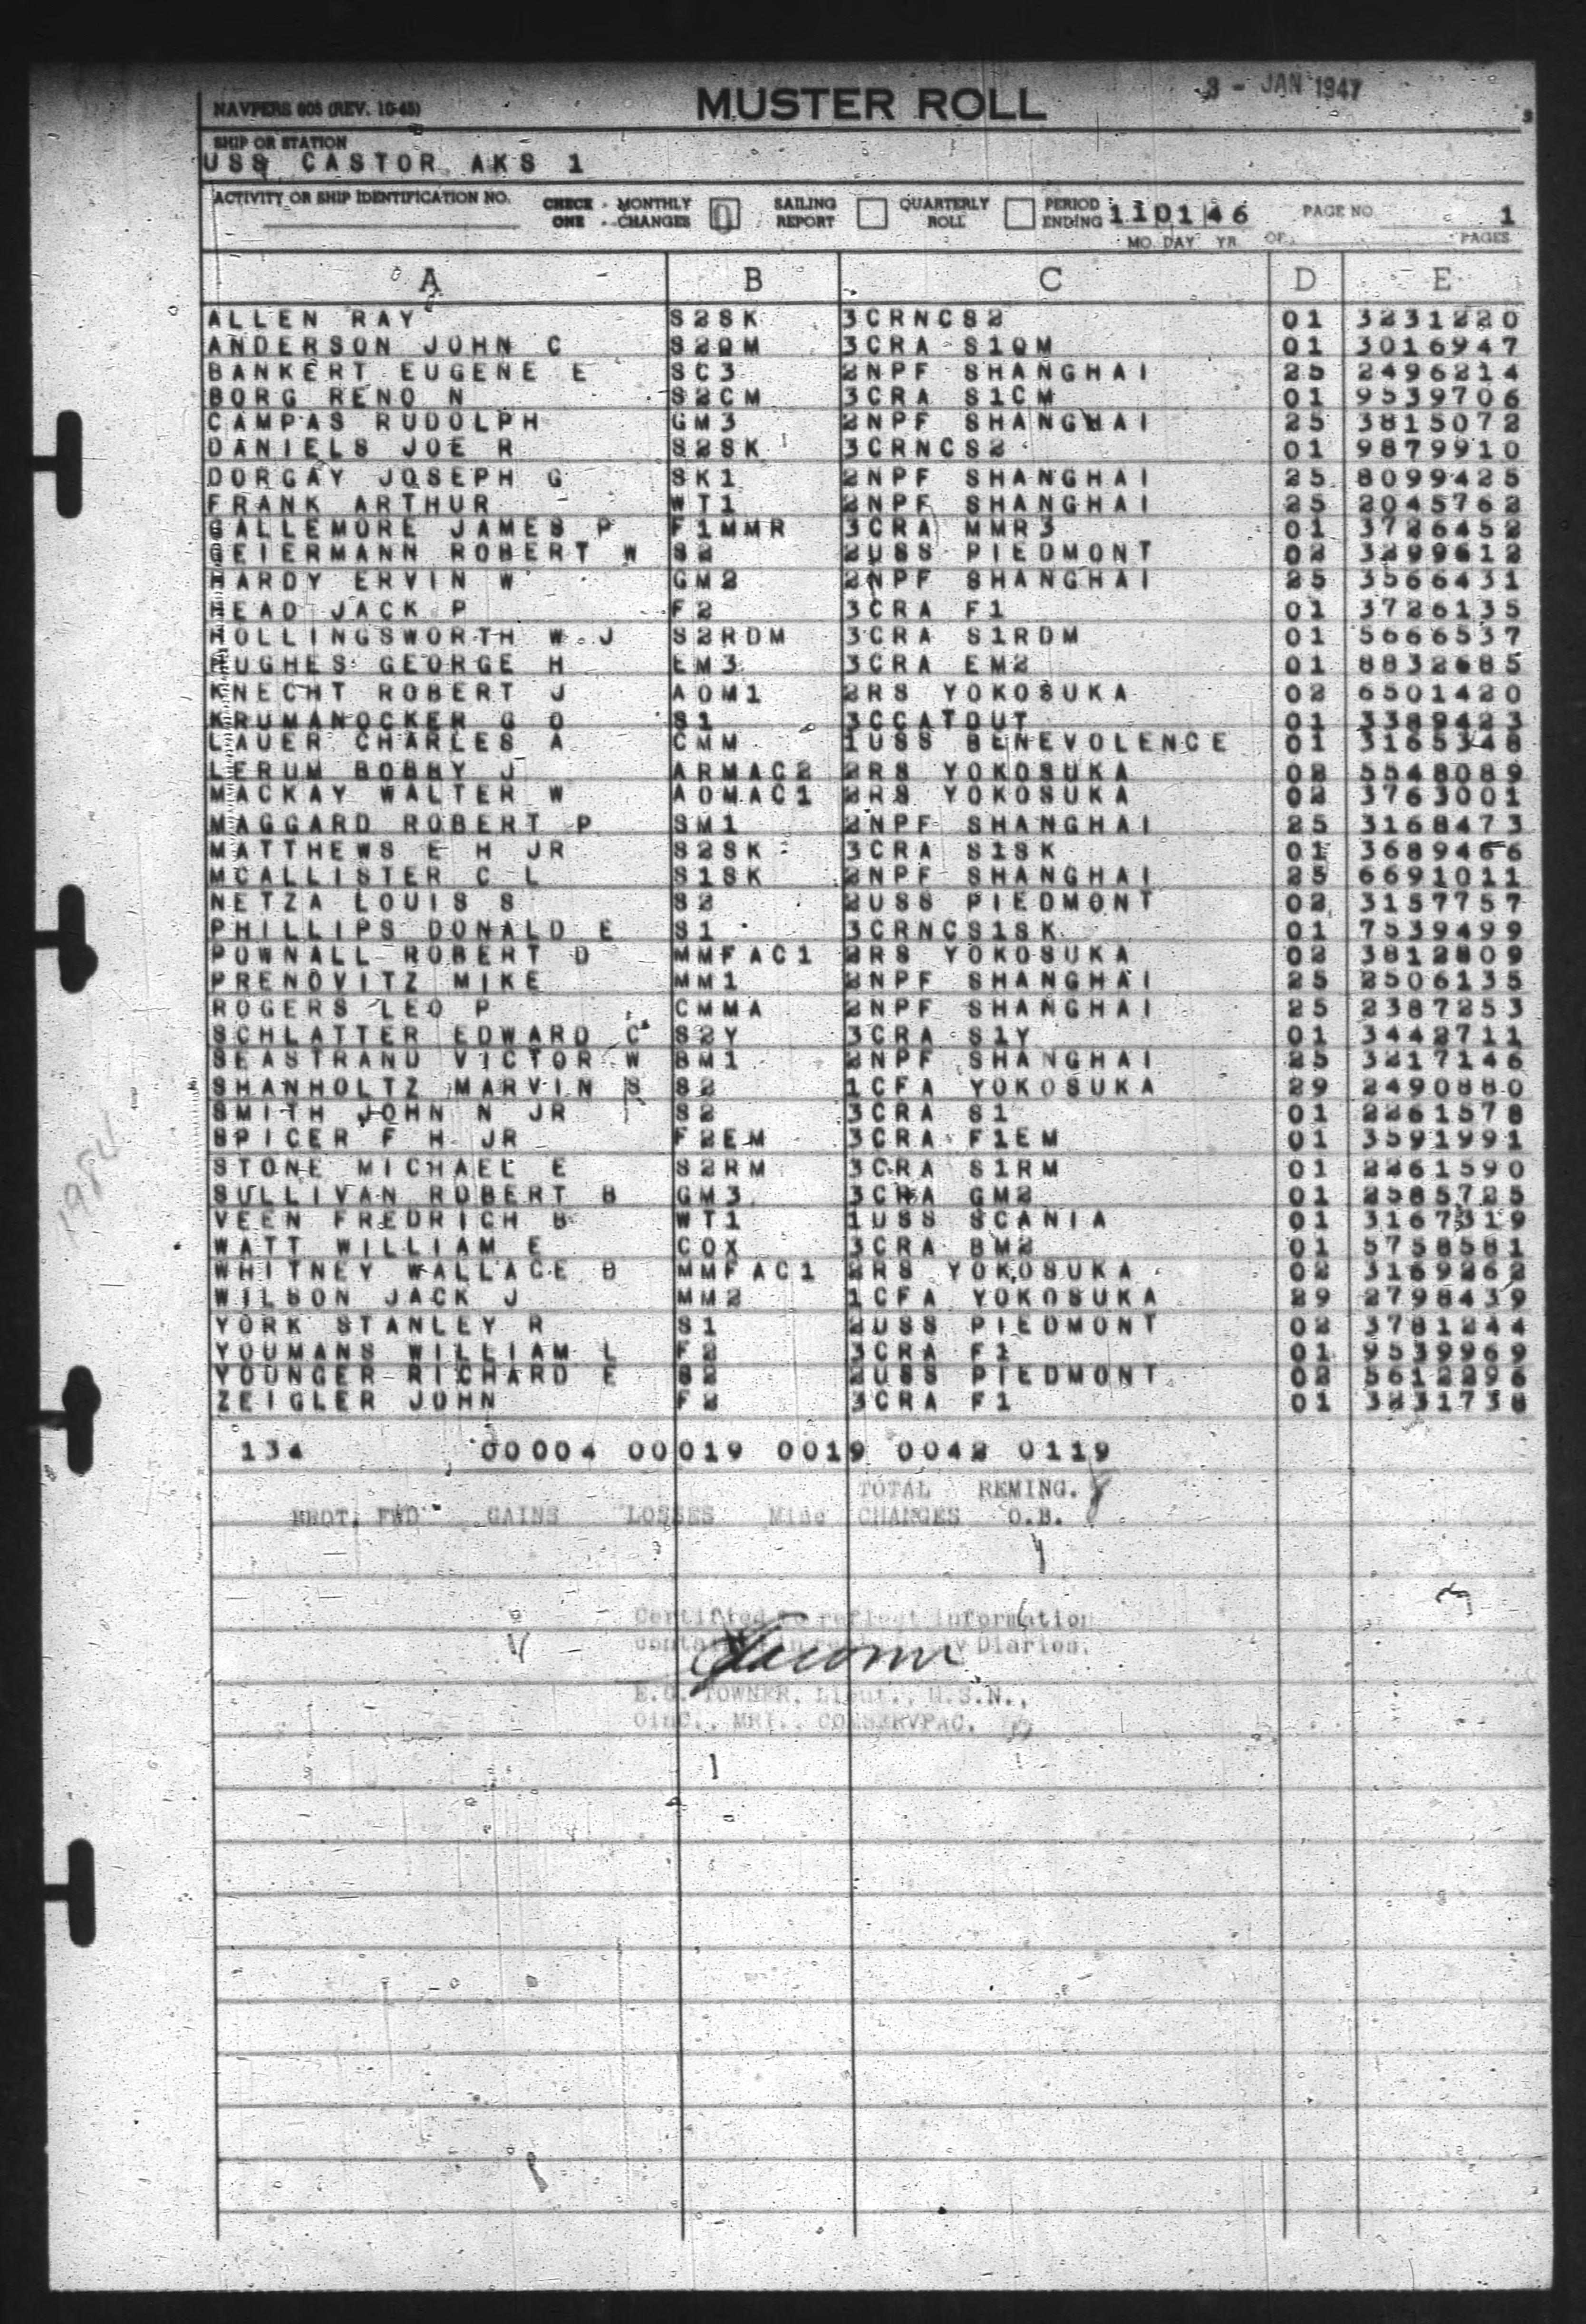 Castor (AKS-1) - Muster Rolls, November 1946